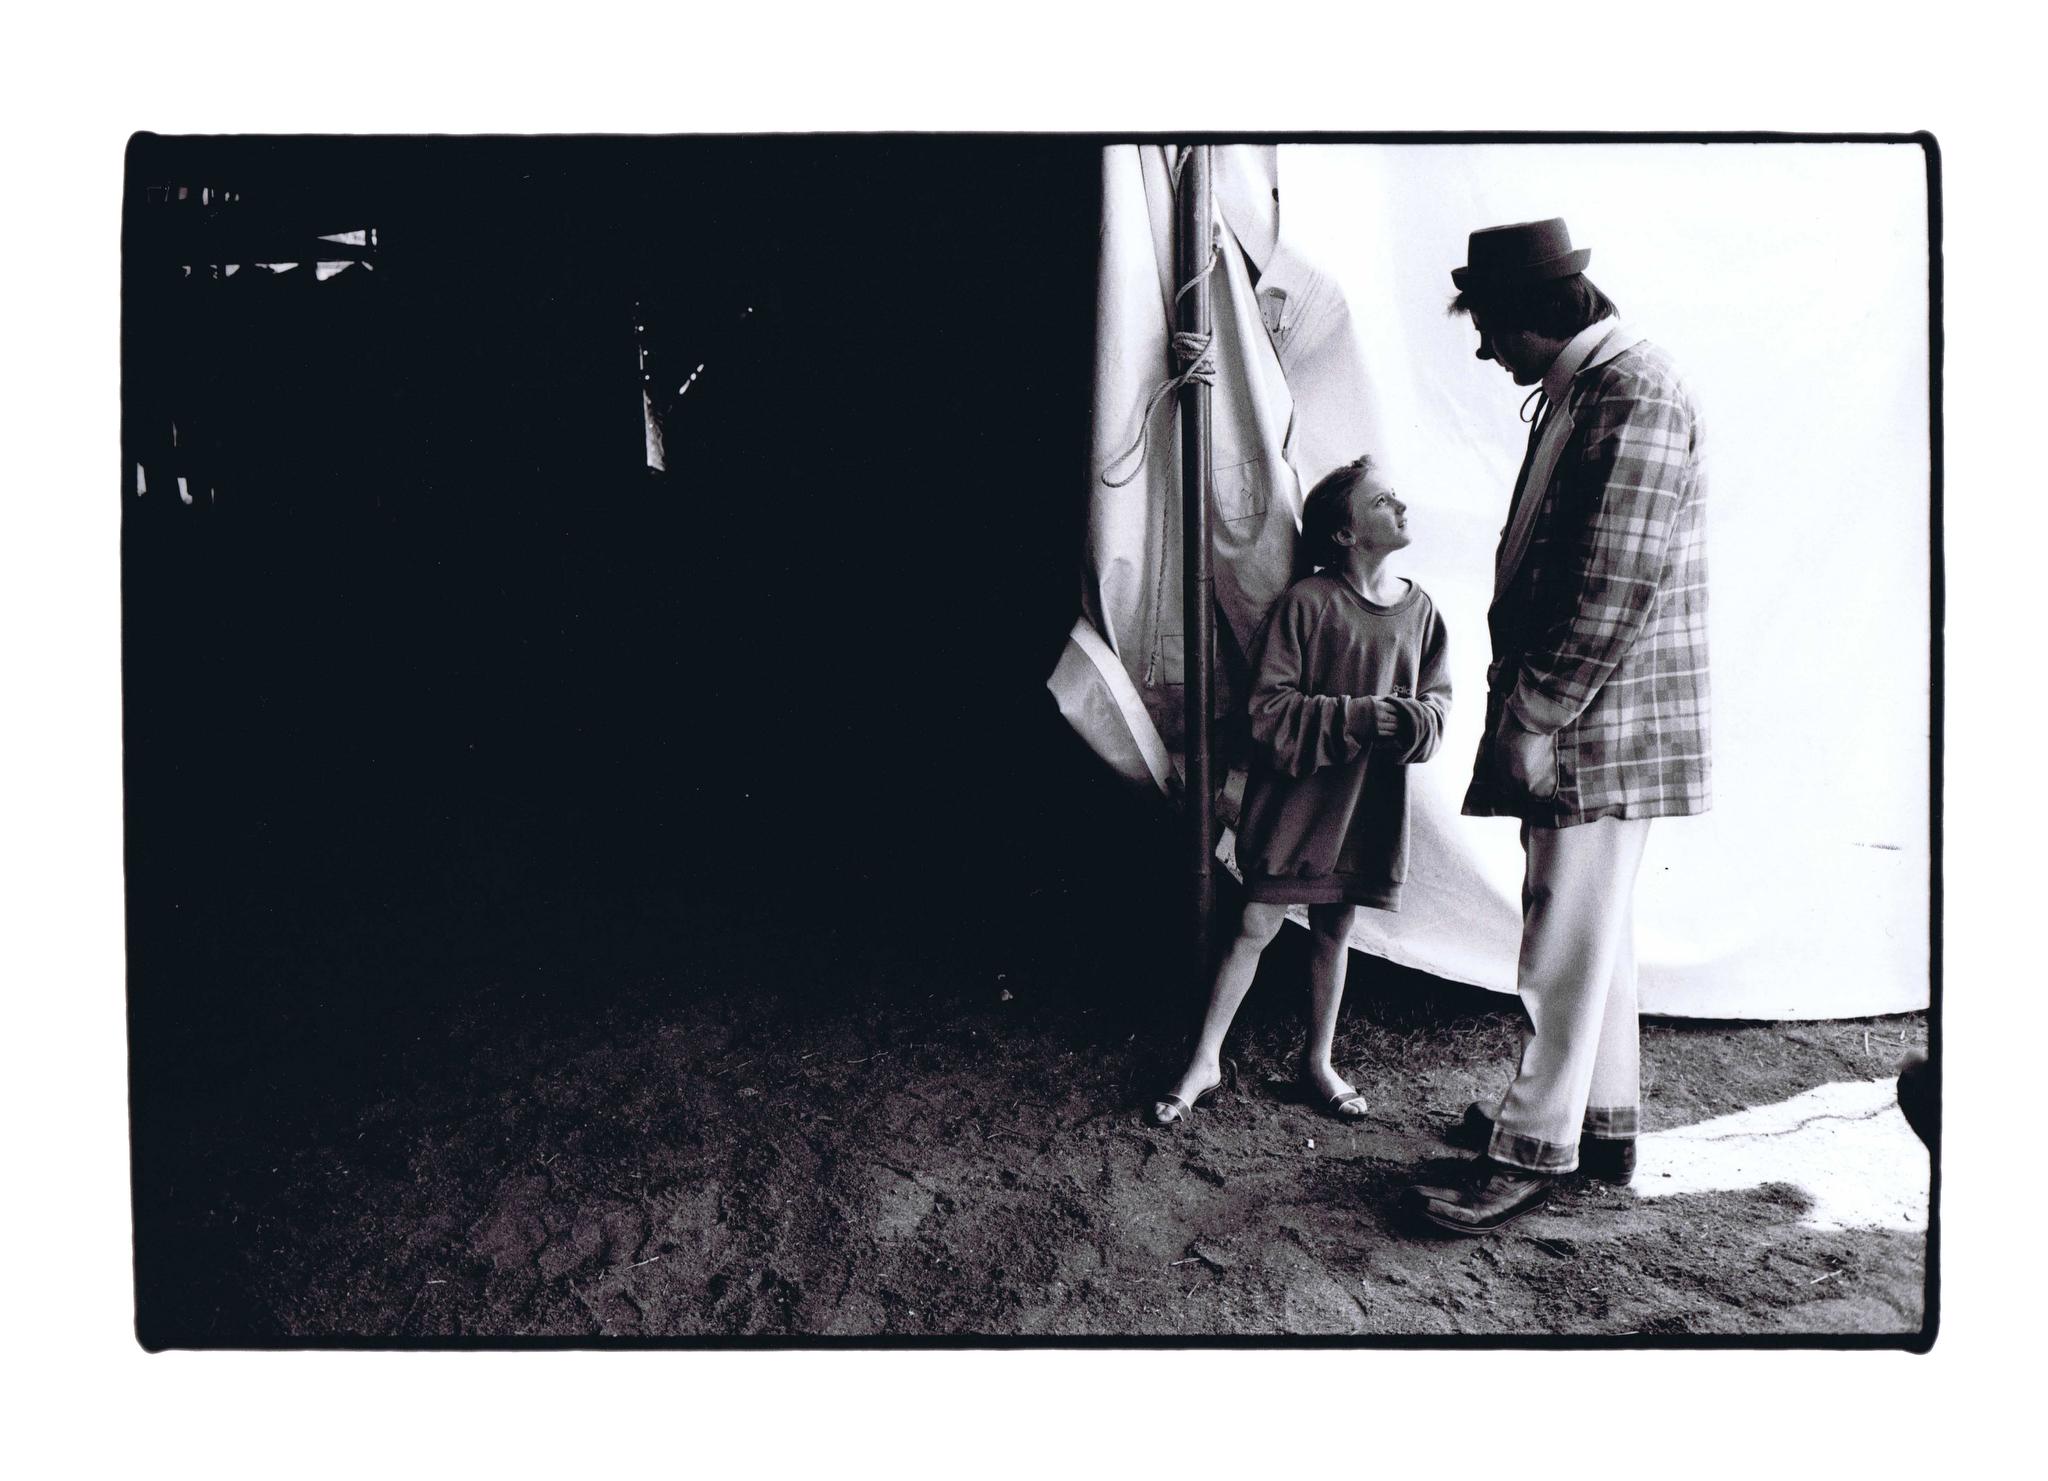 PHOTOSTREAM OLTEN #15: Fotografie von © Heini Stucki, Biel